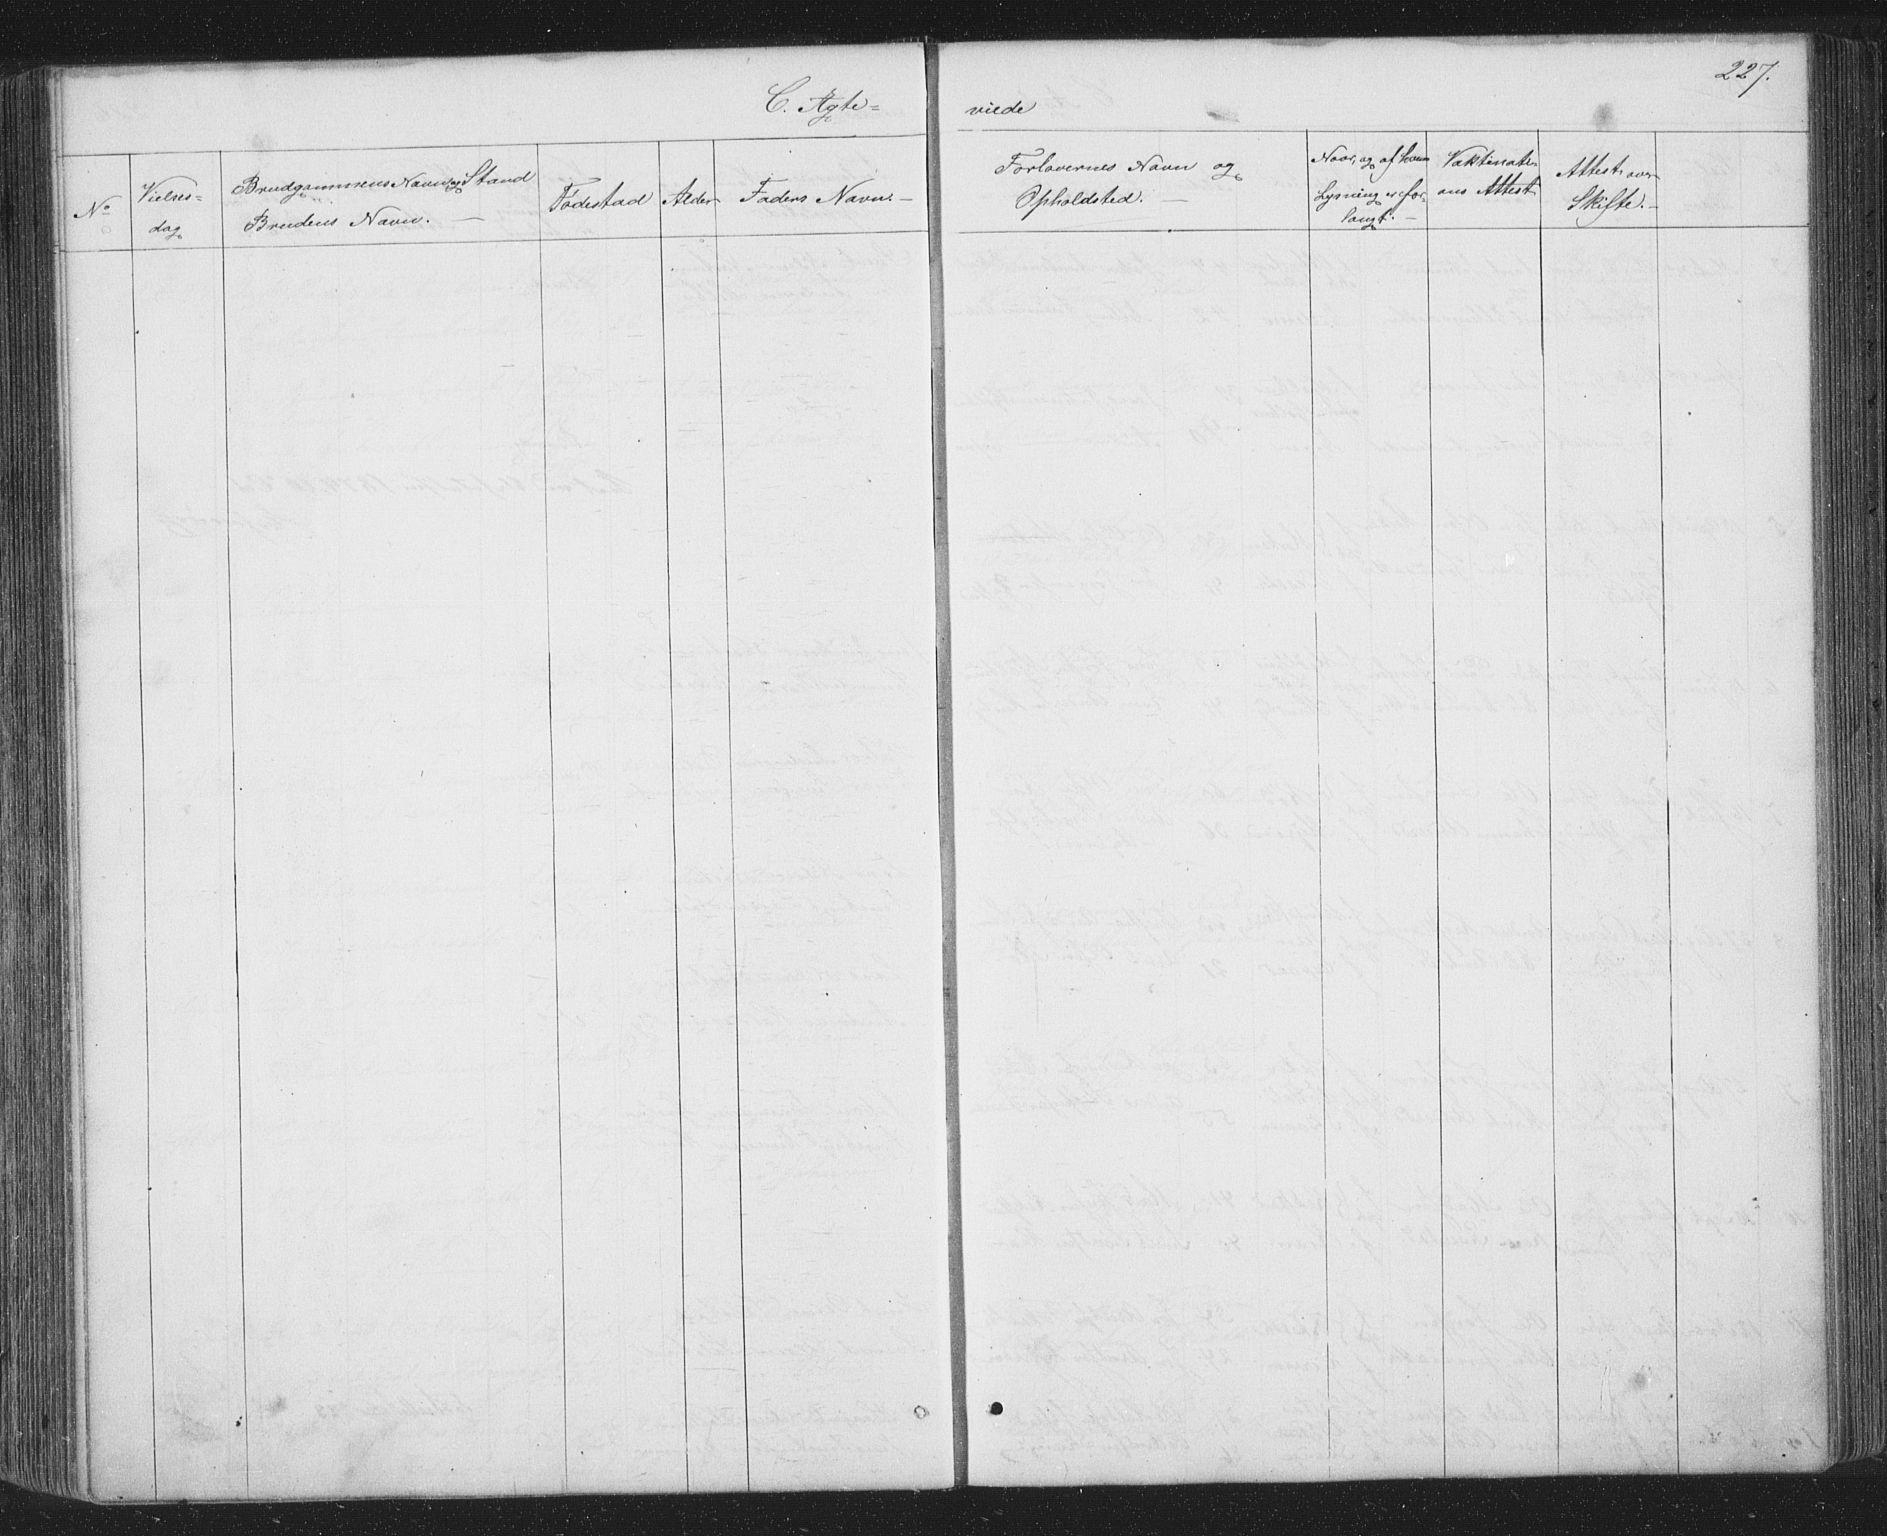 SAT, Ministerialprotokoller, klokkerbøker og fødselsregistre - Sør-Trøndelag, 667/L0798: Klokkerbok nr. 667C03, 1867-1929, s. 227